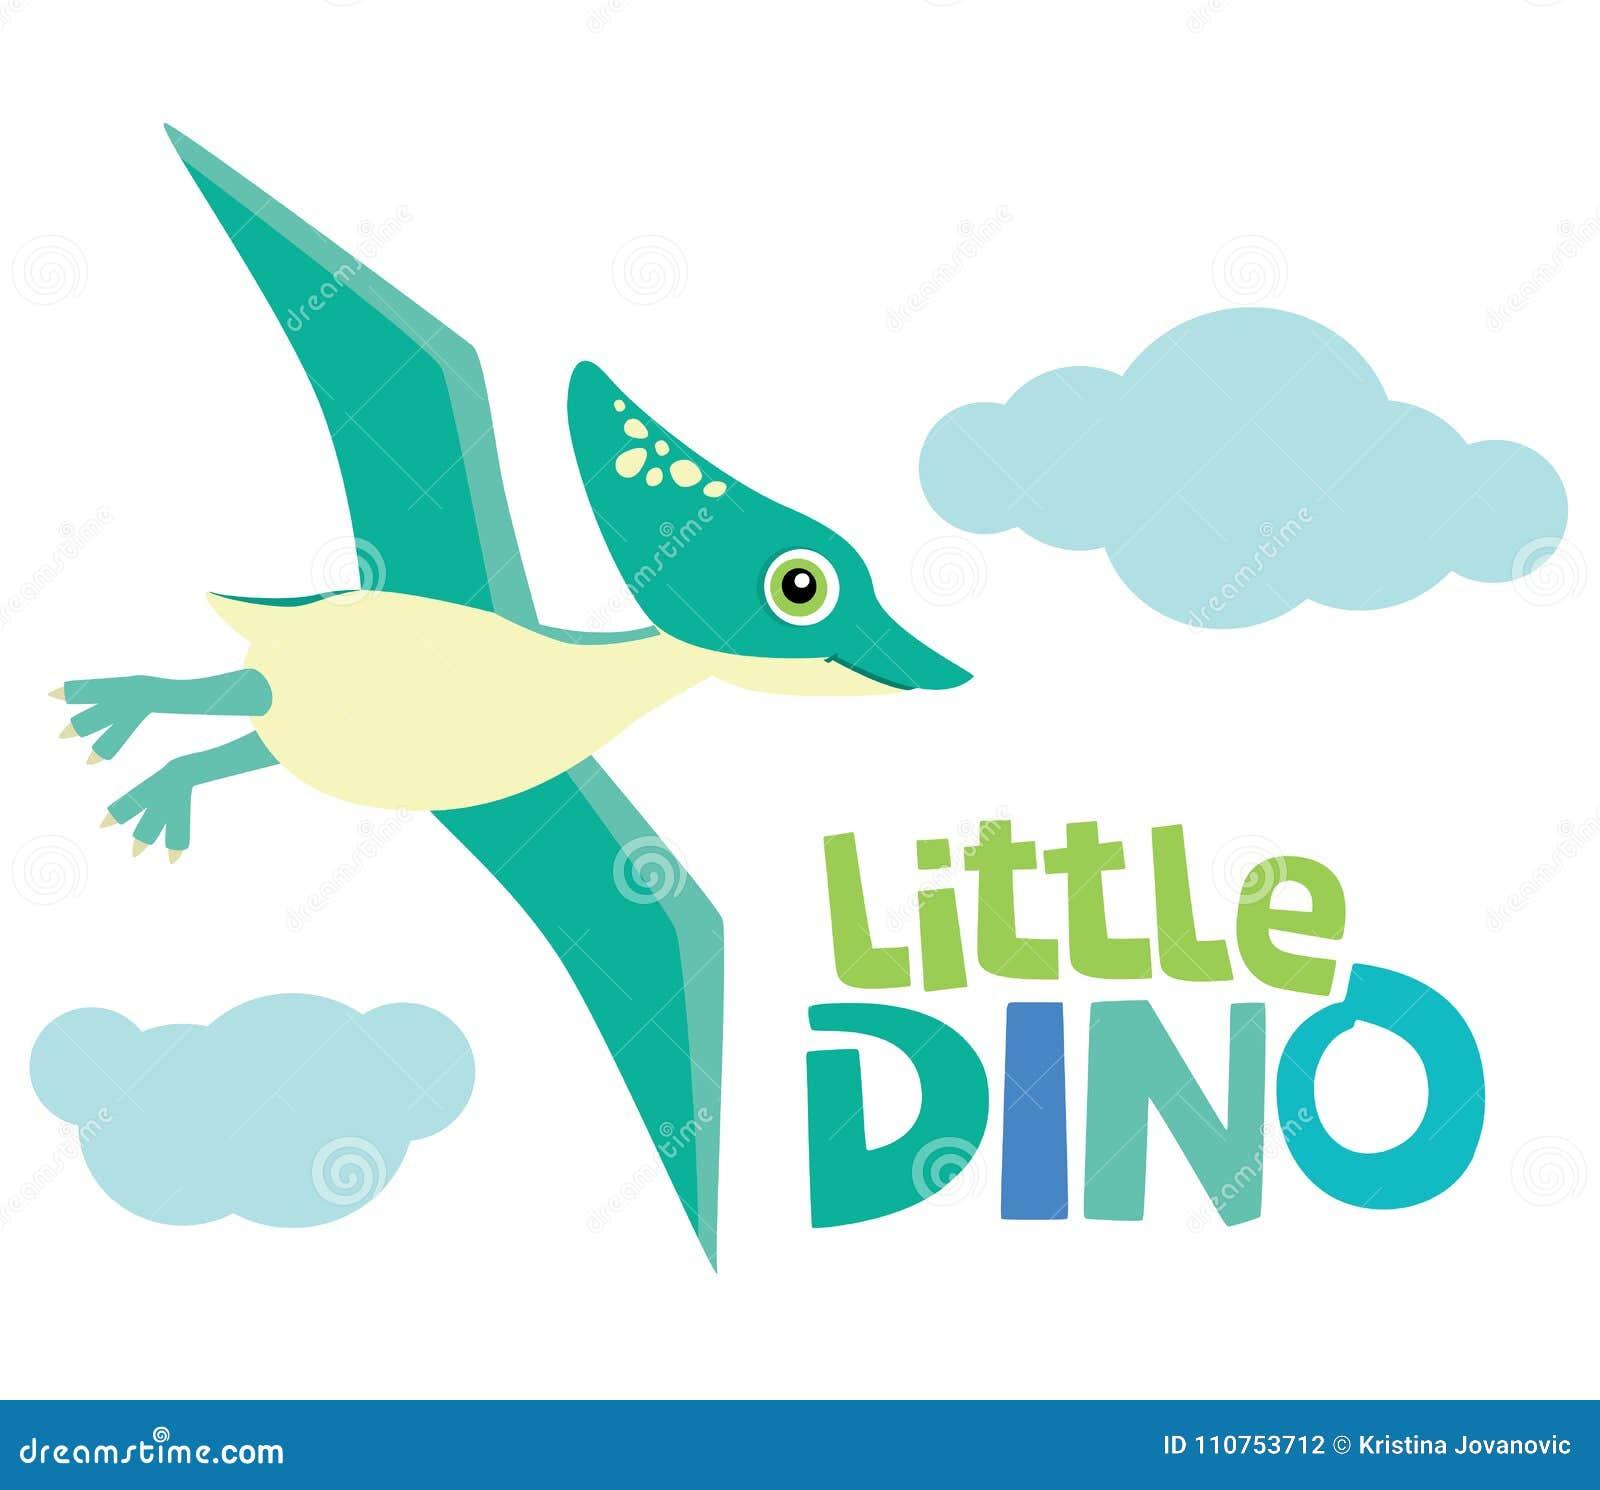 Voo pequeno bonito do dinossauro do pterodátilo do bebê com a ilustração pequena do vetor de Dino Lettering e das nuvens isolada